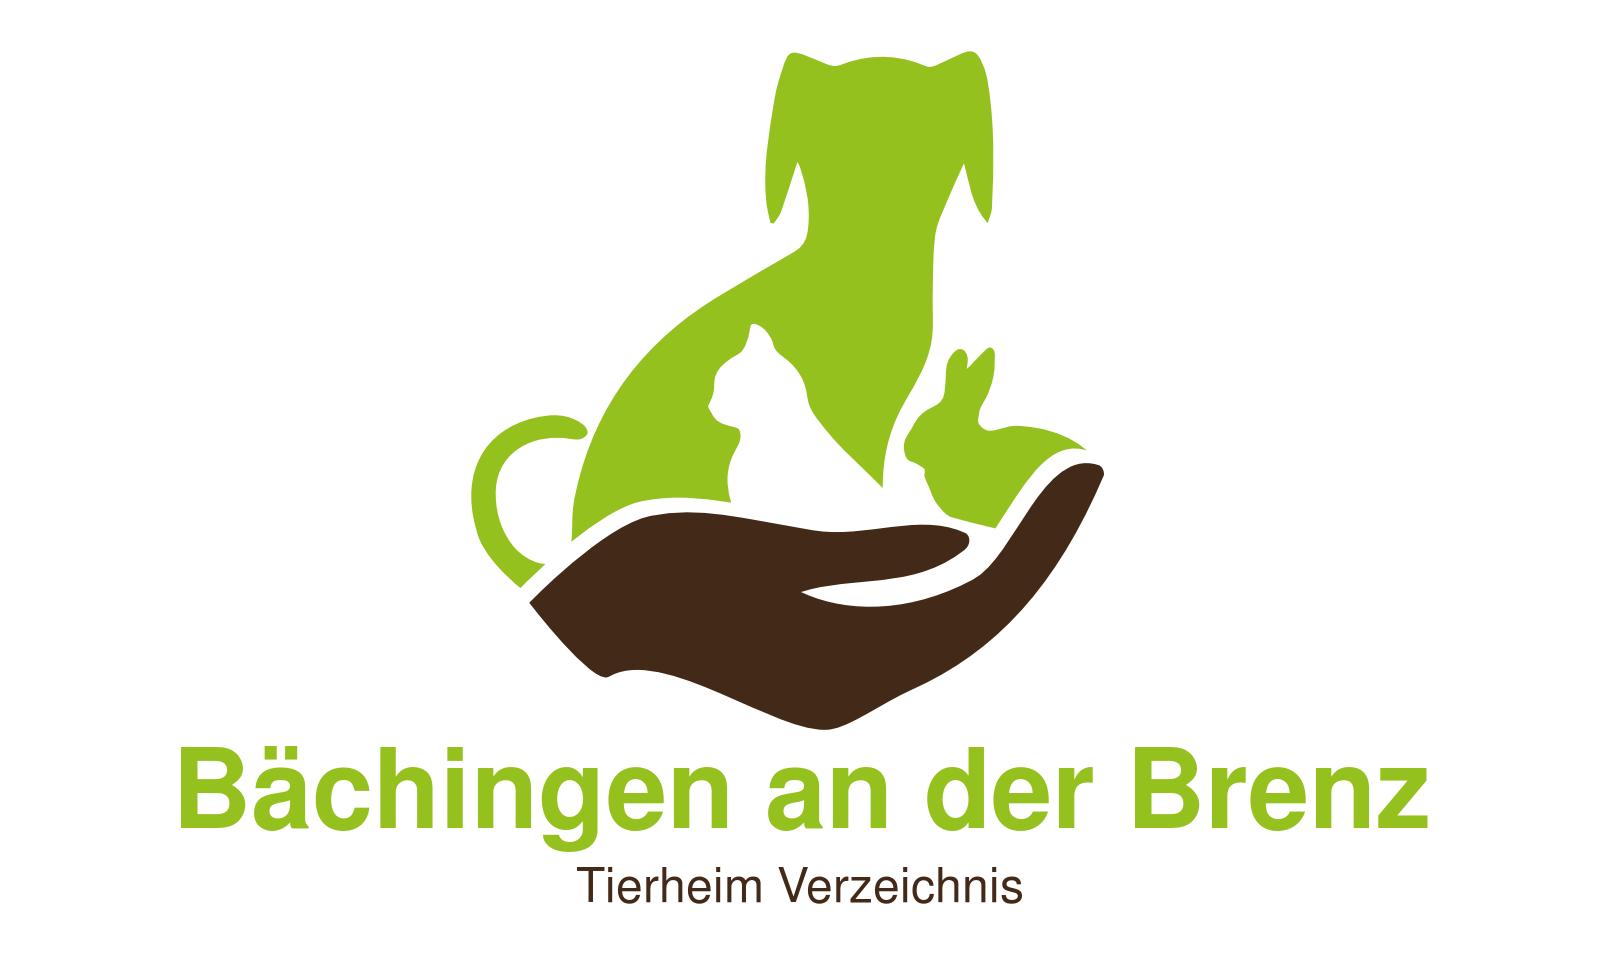 Tierheim Bächingen an der Brenz